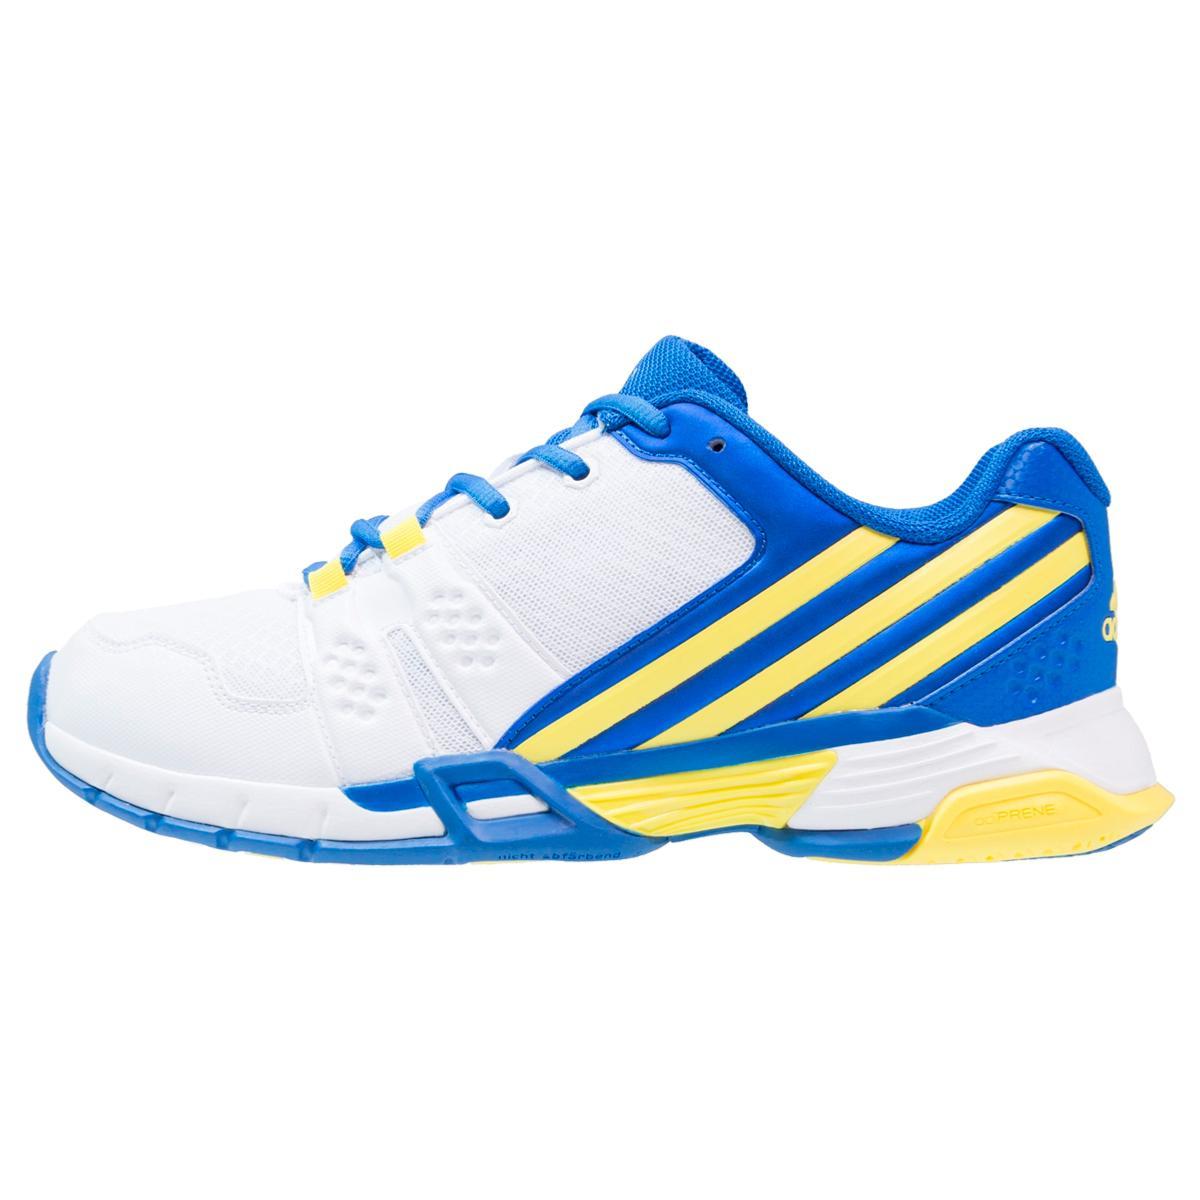 Comprar Zapatillas de squash Adidas Volley Team 4 al mejor